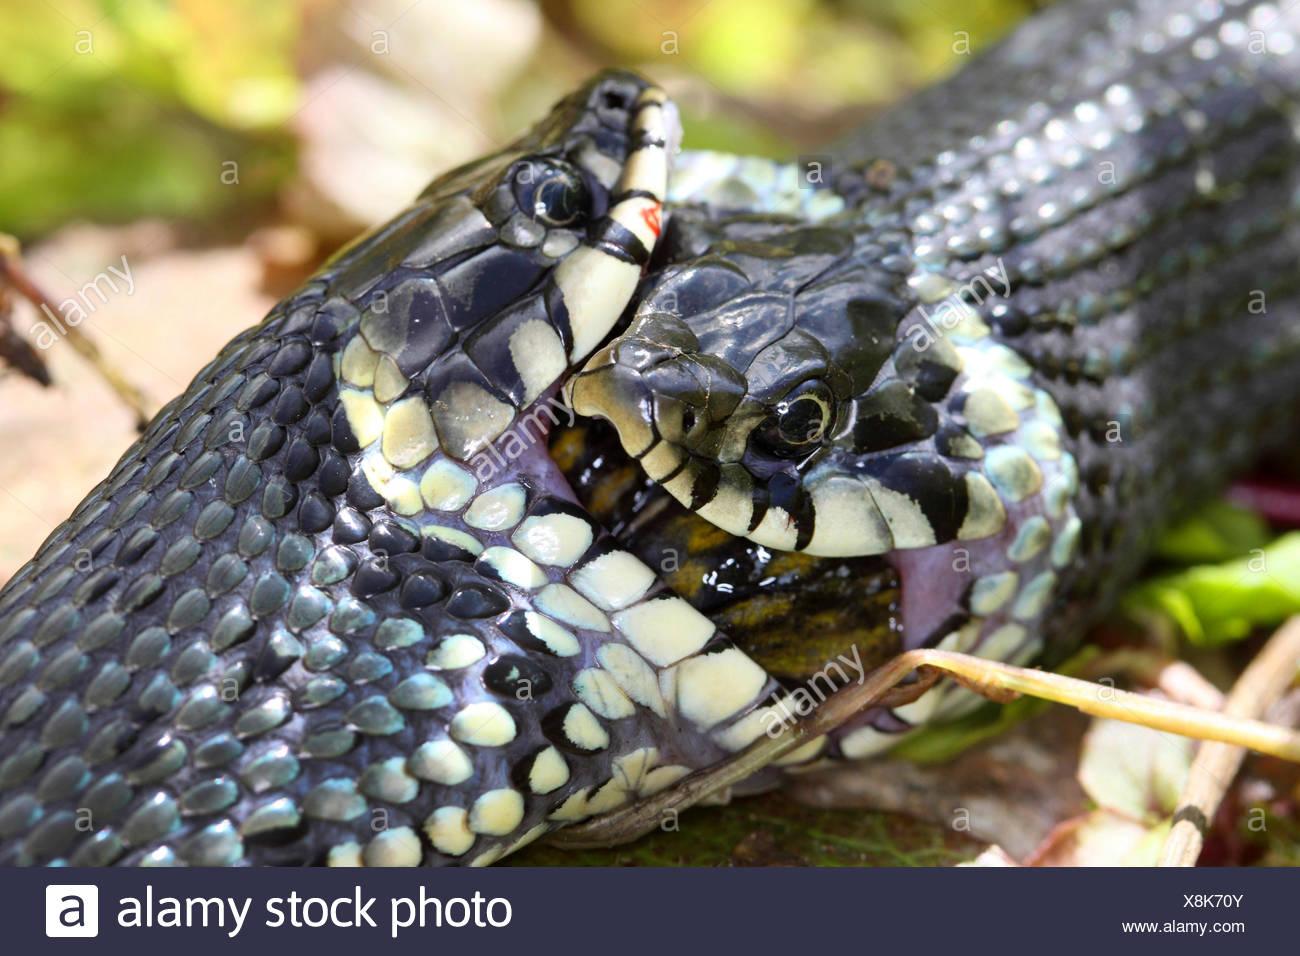 Ringelnatter (Natrix Natrix), Serie Bild 17, zwei Schlangen kämpfen für einen Frosch, Deutschland, Mecklenburg-Vorpommern Stockbild